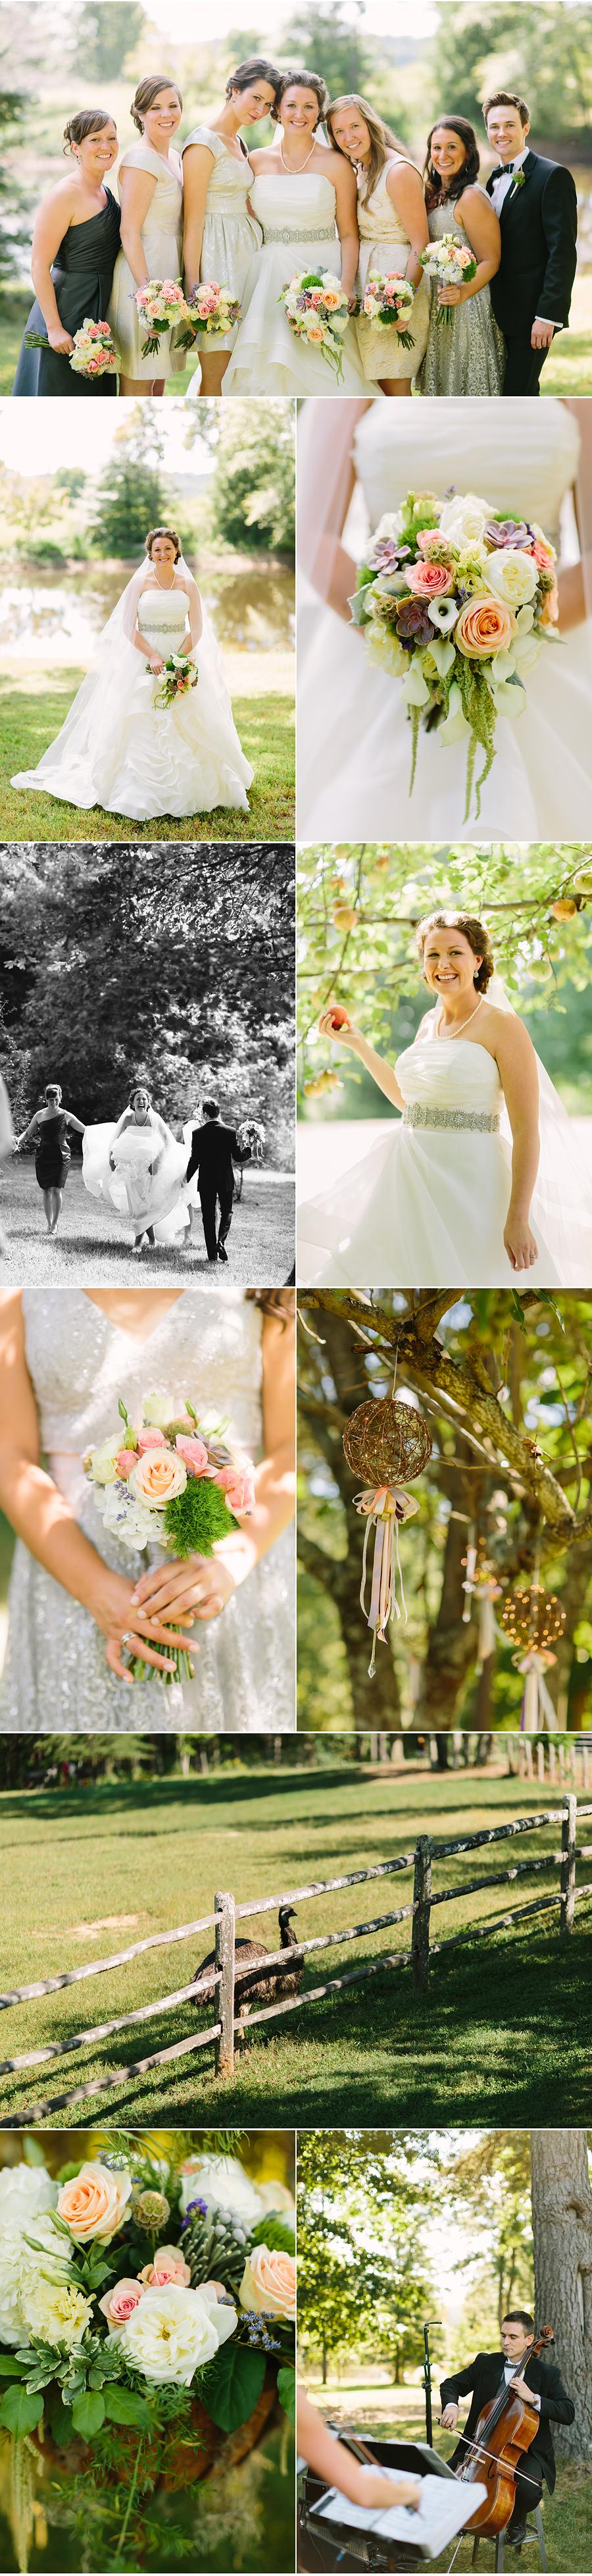 Laurelwood Farm Wedding